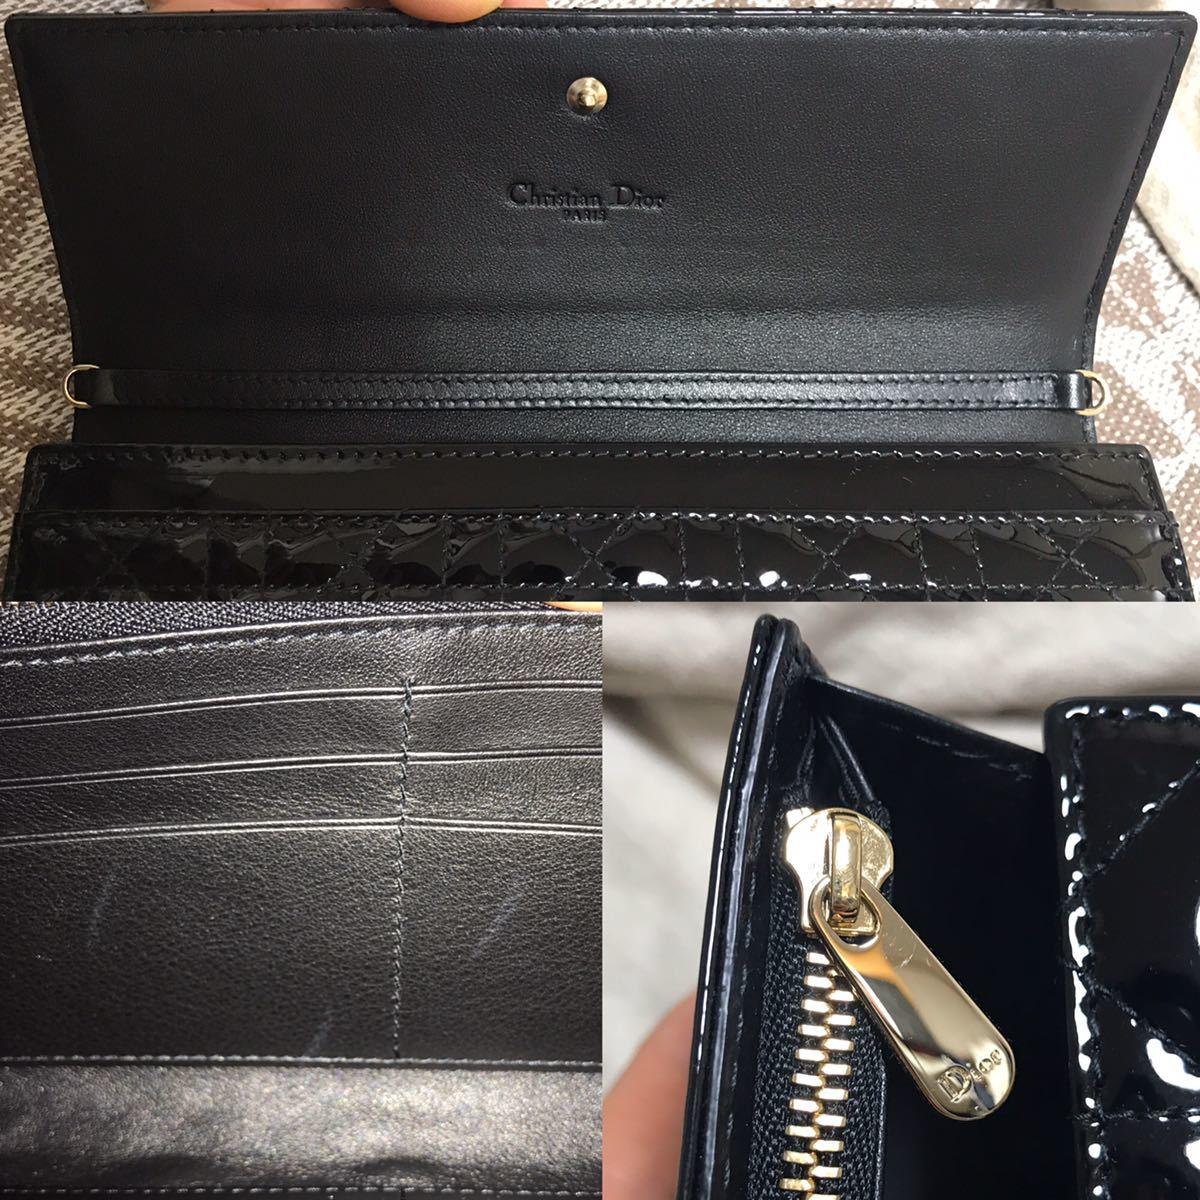 クリスチャンディオール 黒 ブラック 未使用品 チェーンウォレット パテント Christian Dior ゴールド 長財布 ショルダーバッグ_画像7